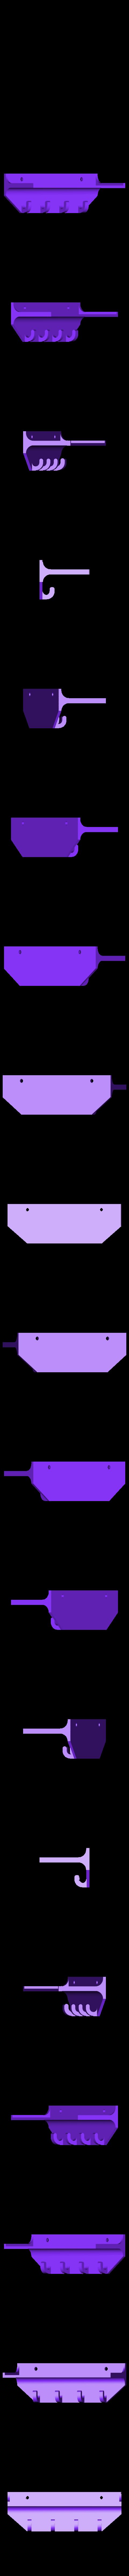 small_key_holder.STL Télécharger fichier STL gratuit Porte-clés avec étagère • Objet imprimable en 3D, Pudedrik